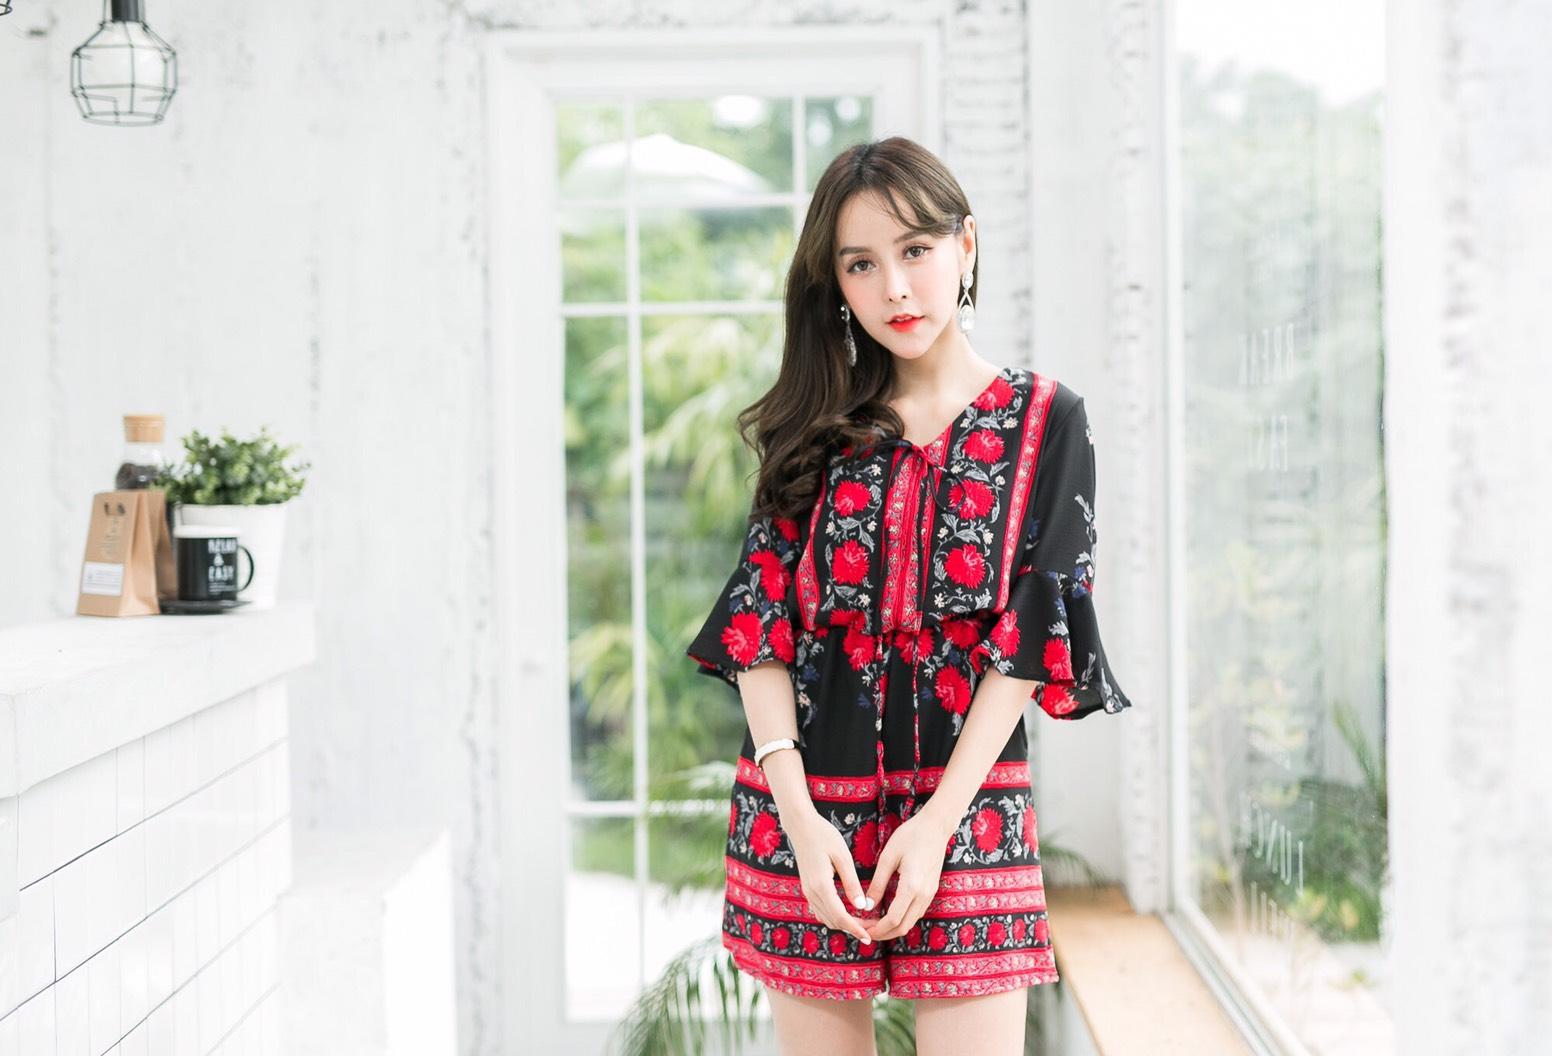 เสื้อผ้าเกาหลีพร้อมส่ง จั๊มสูทพิมพ์ลายเชิง